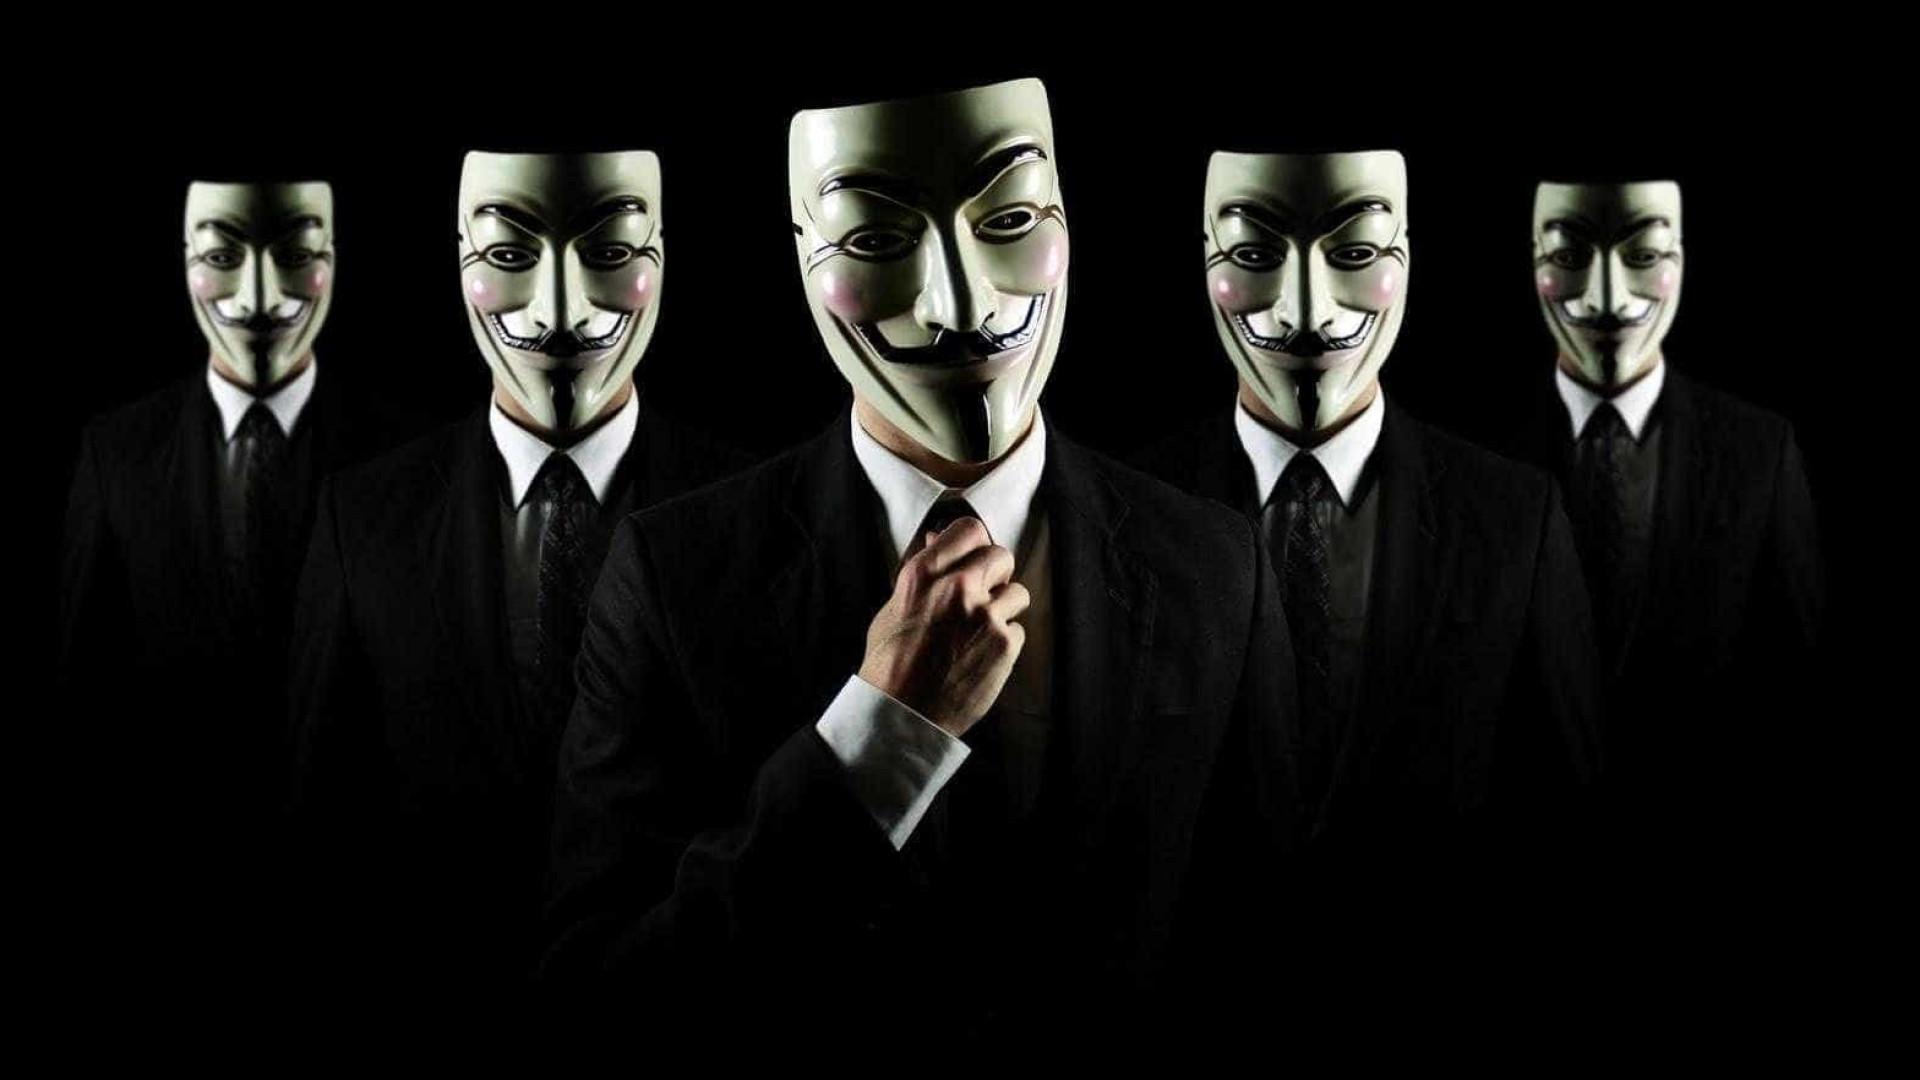 GoDaddy decide parar de hospedar site neonazista Daily Stormer